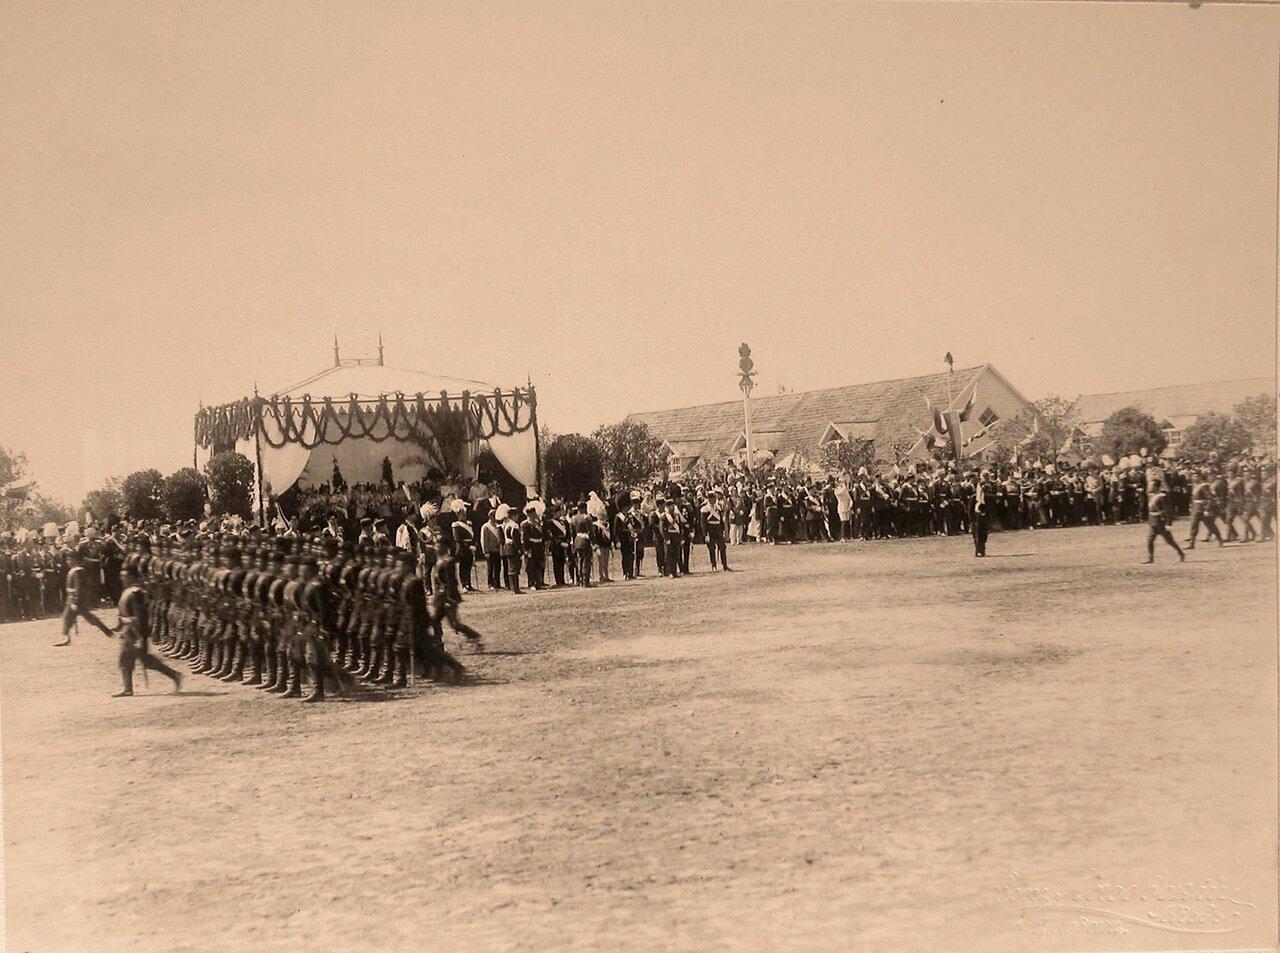 Император Николай II в группе глав иностранных делегаций, приглашённых на торжества коронации, принимает парад войск на Ходынском поле